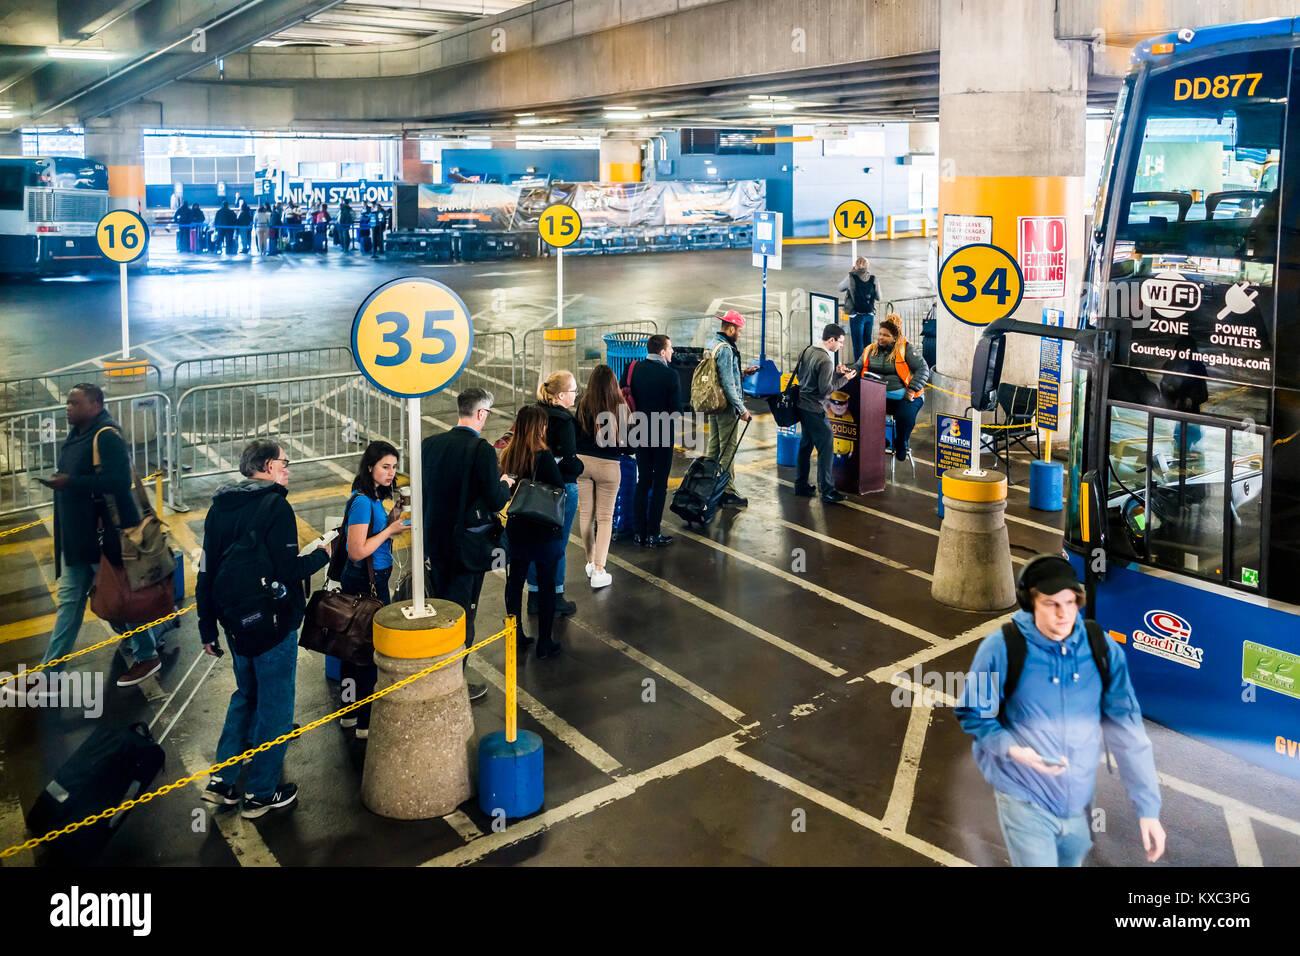 Washington DC, USA - October 27, 2017: Inside Union Station parking